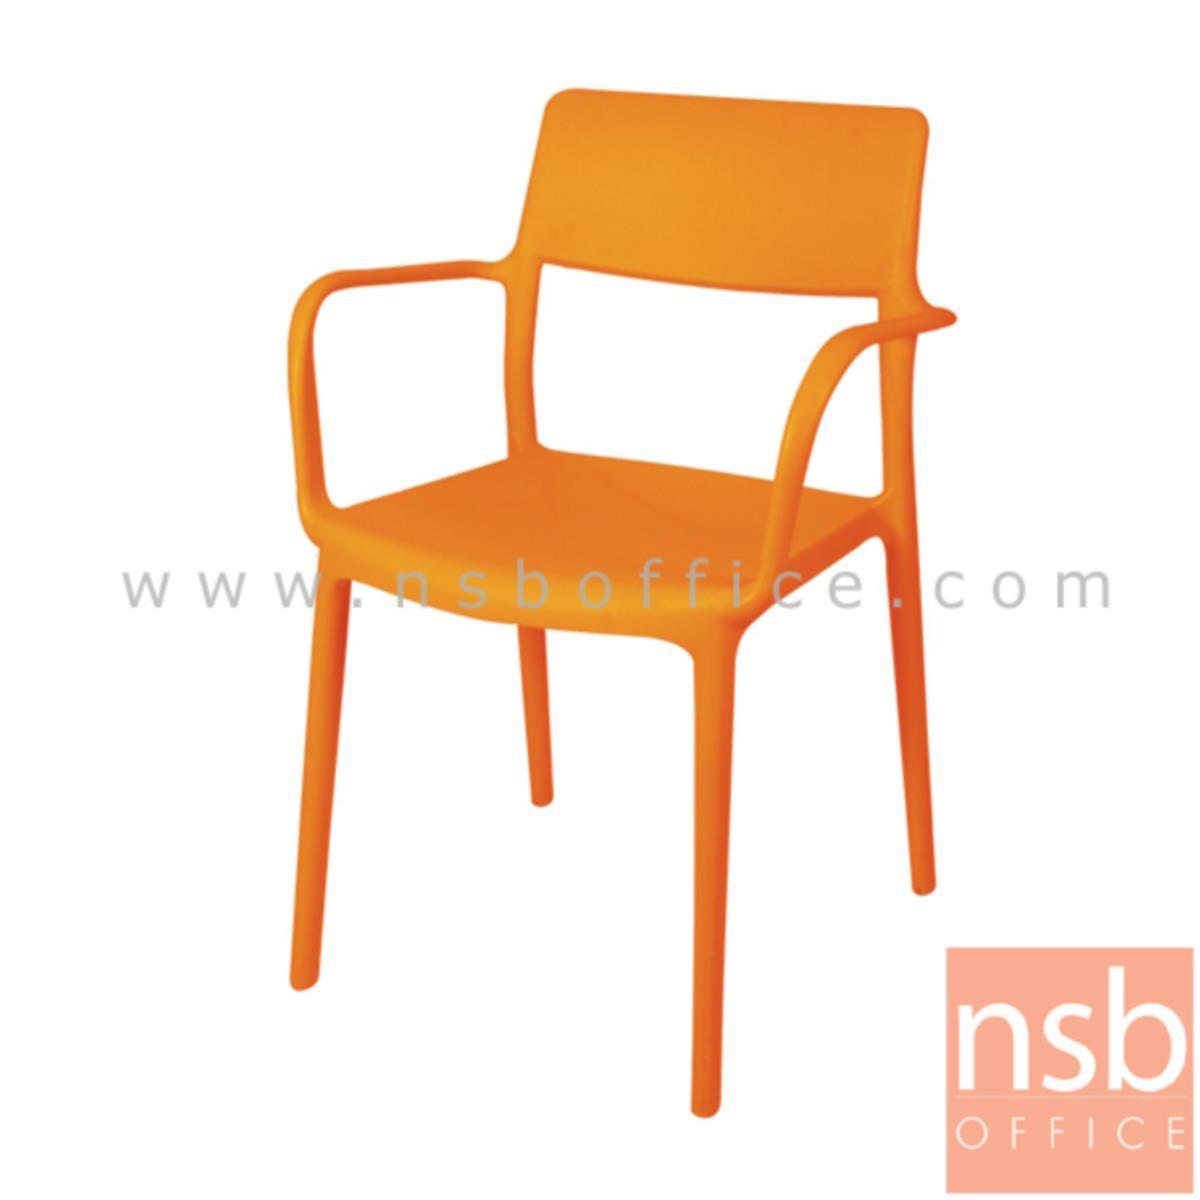 เก้าอี้โมเดิร์นพลาสติก(PP)ล้วน รุ่น PIO-PN74 ขนาด 52W cm.